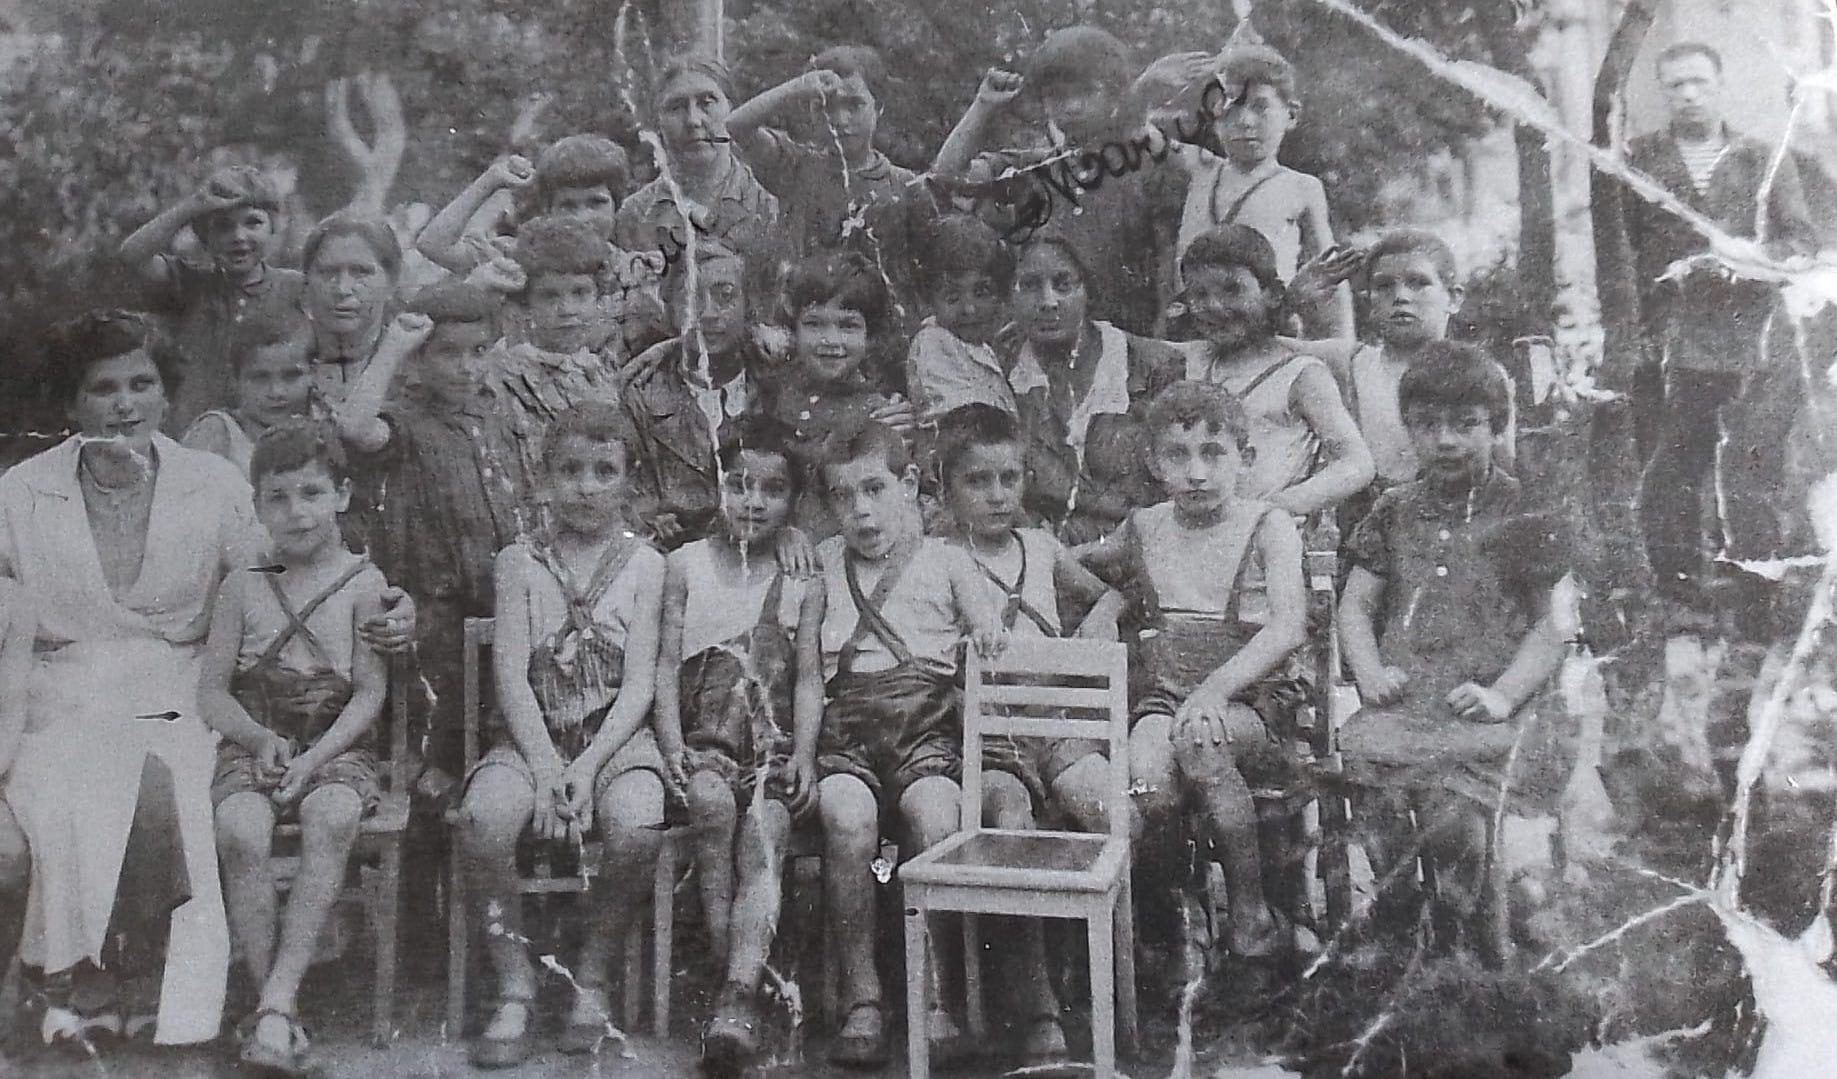 Niños y educadores, Pushkin, Leningrado